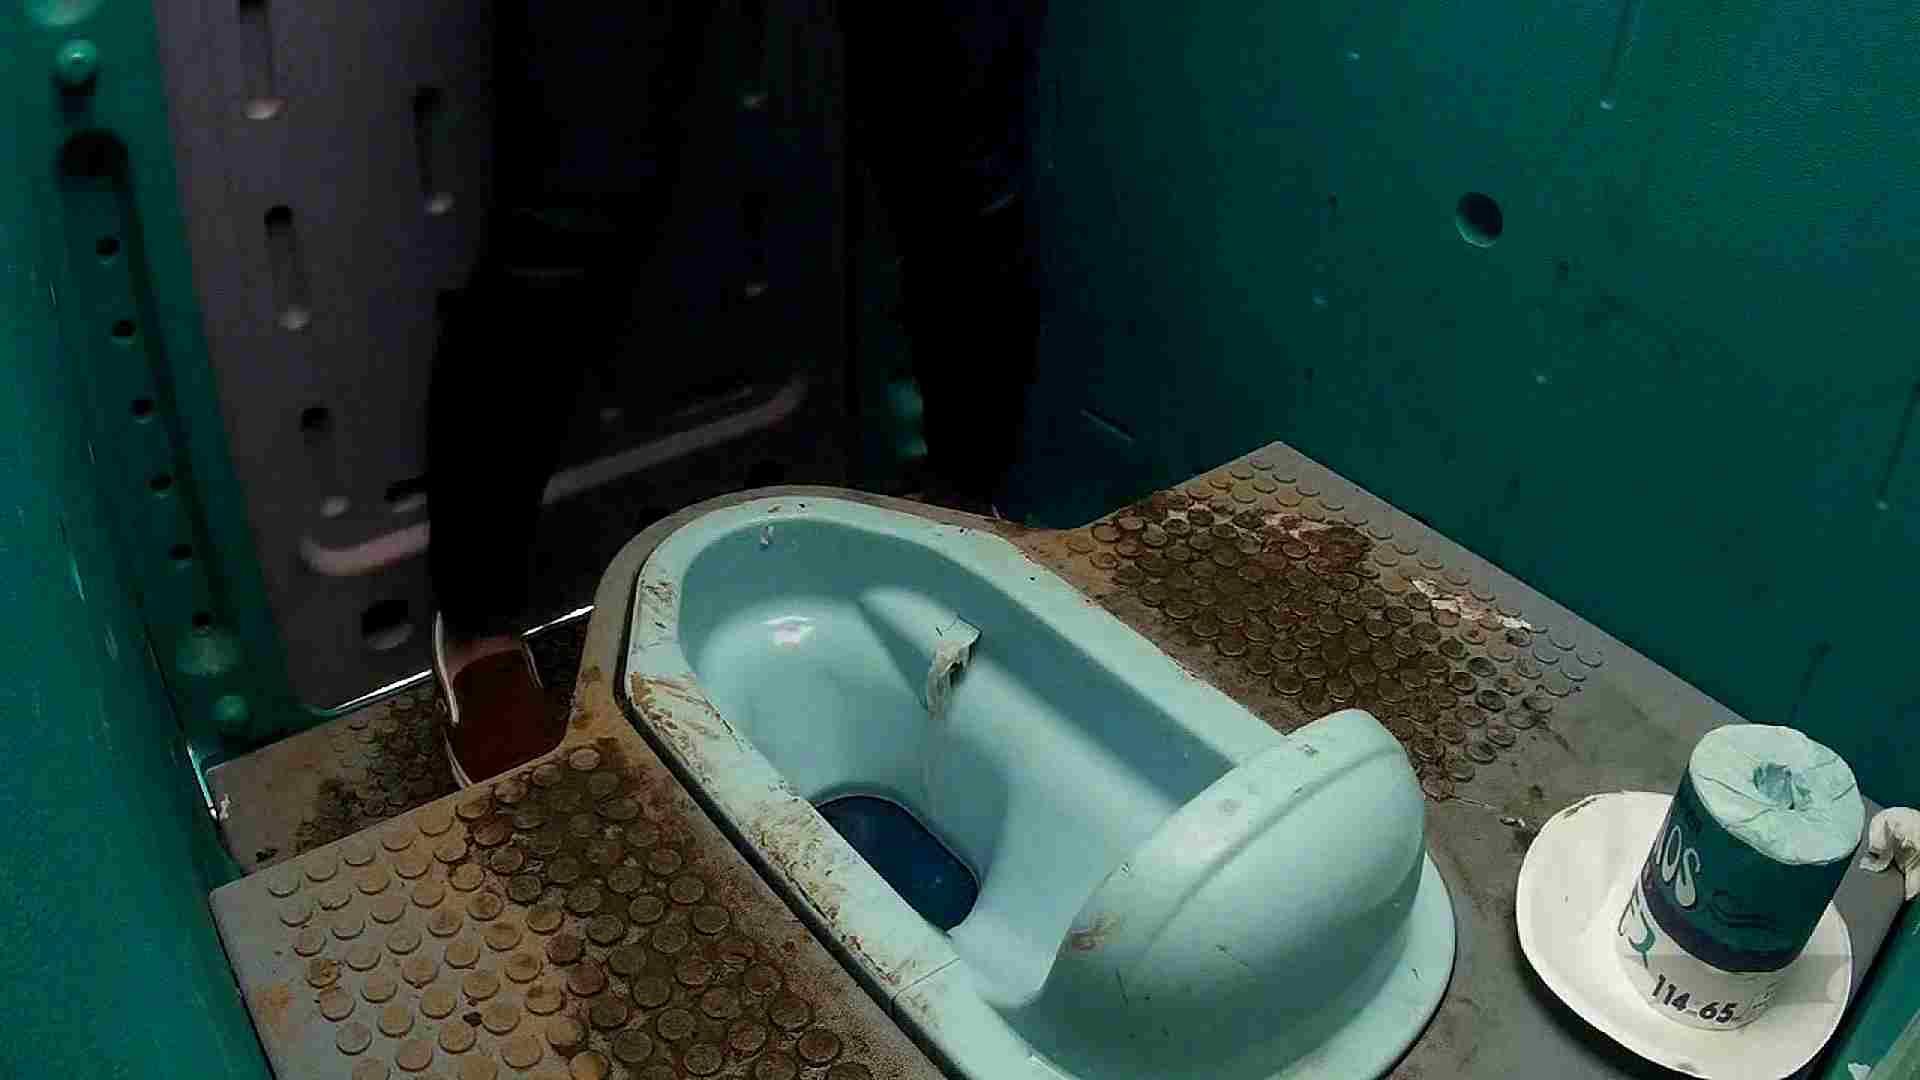 無修正エロ動画 痴態洗面所 Vol.06 中が「マジヤバいヨネ!」洗面所 怪盗ジョーカー